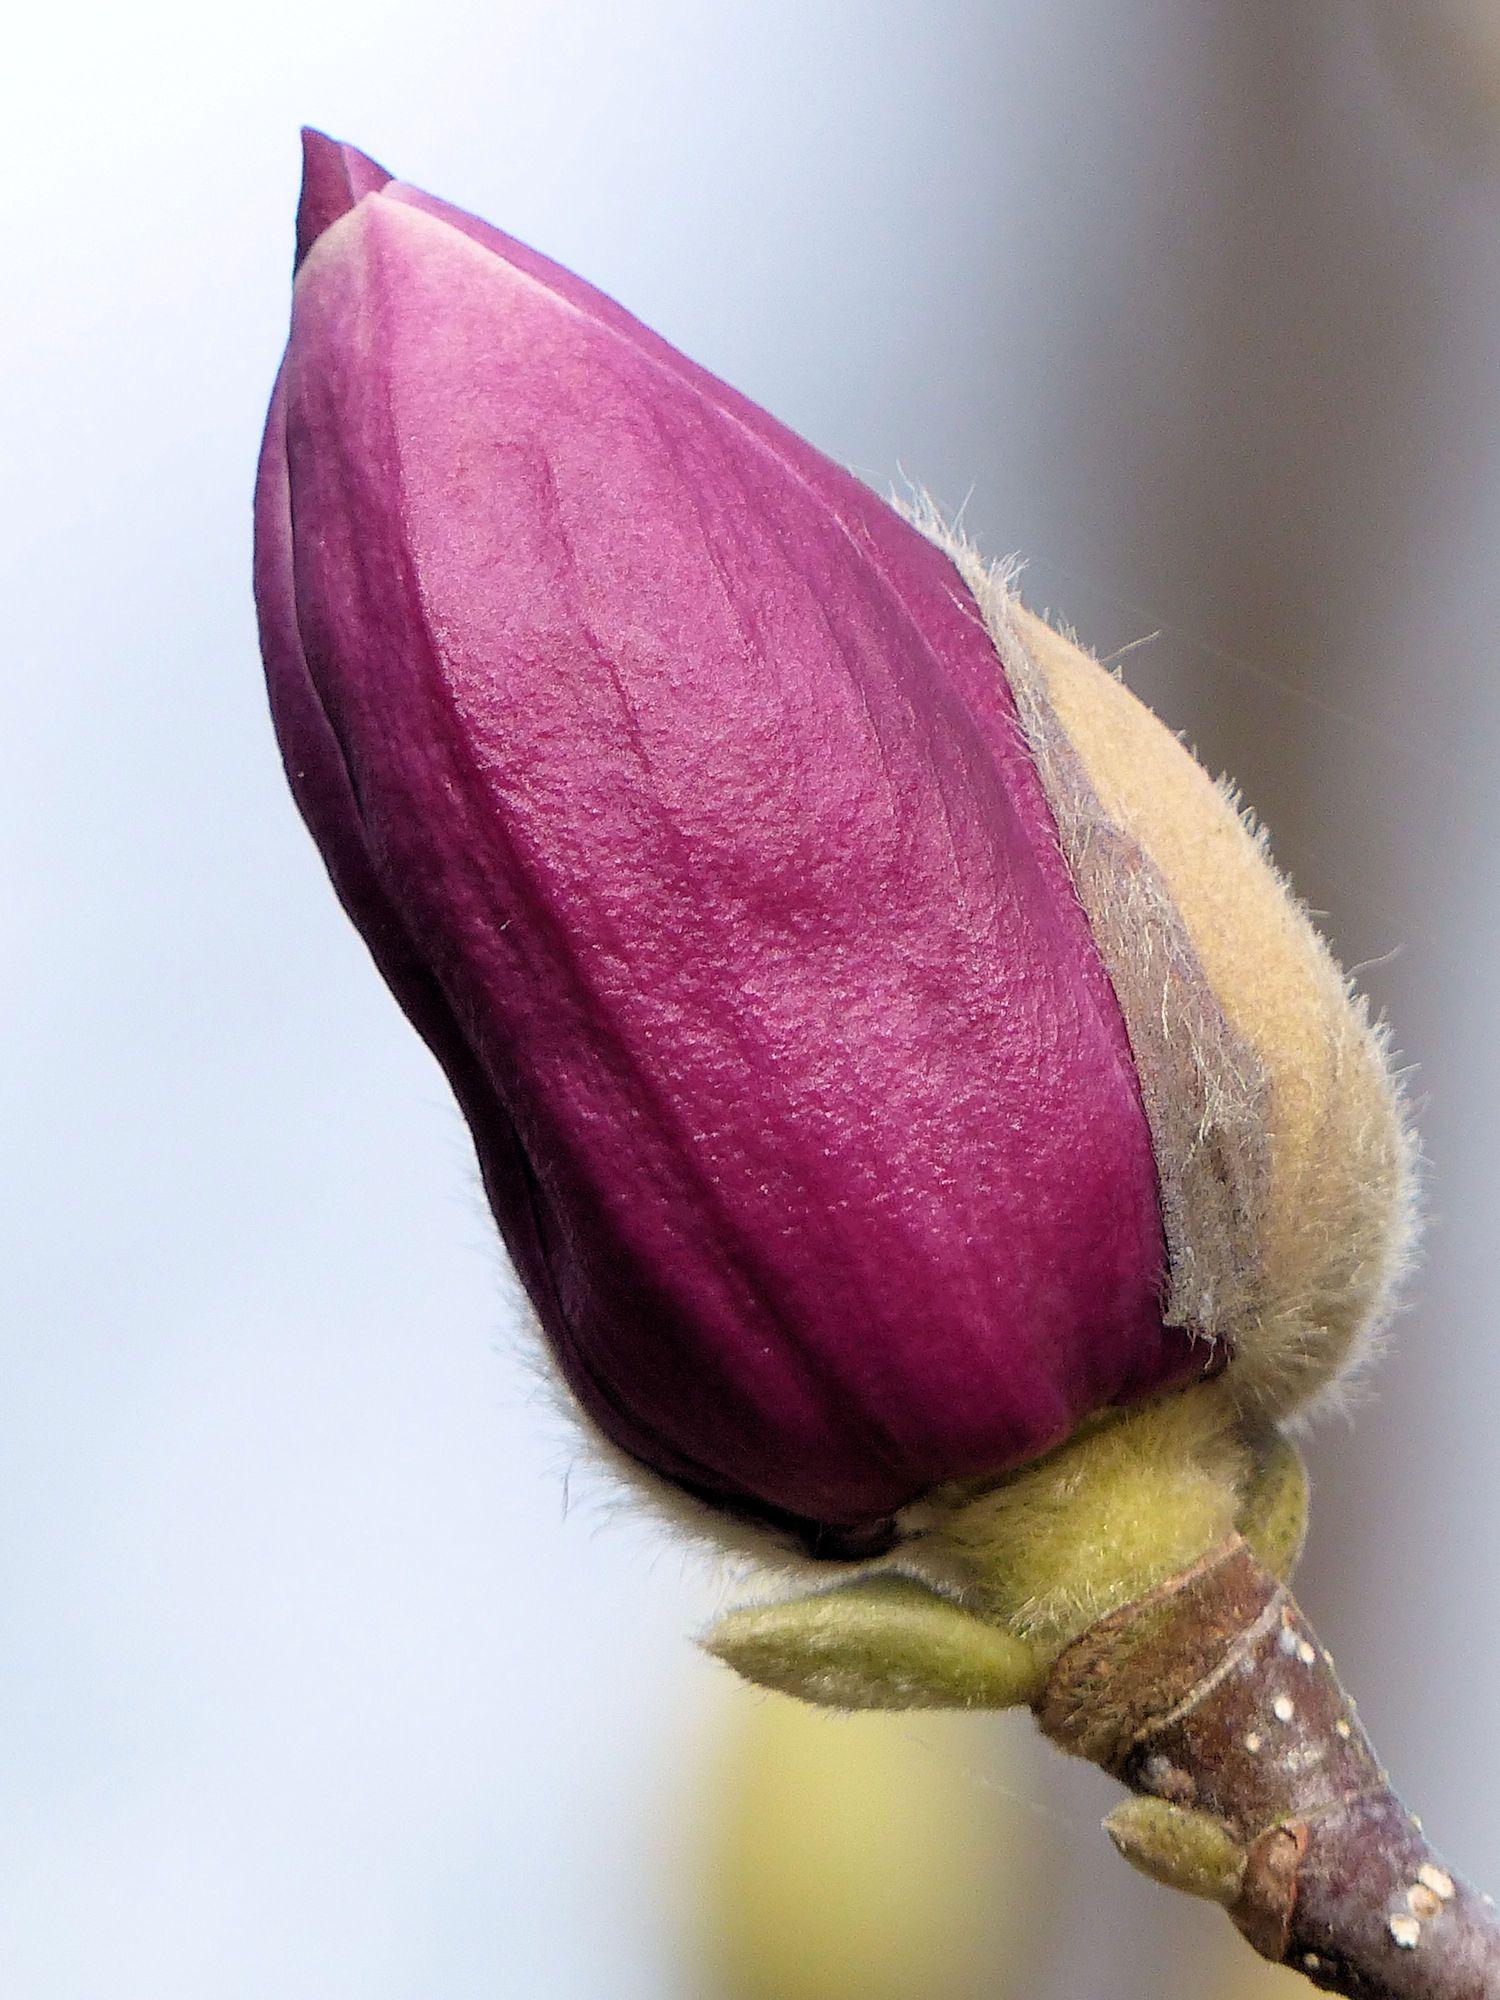 Tulip Magnolia bud